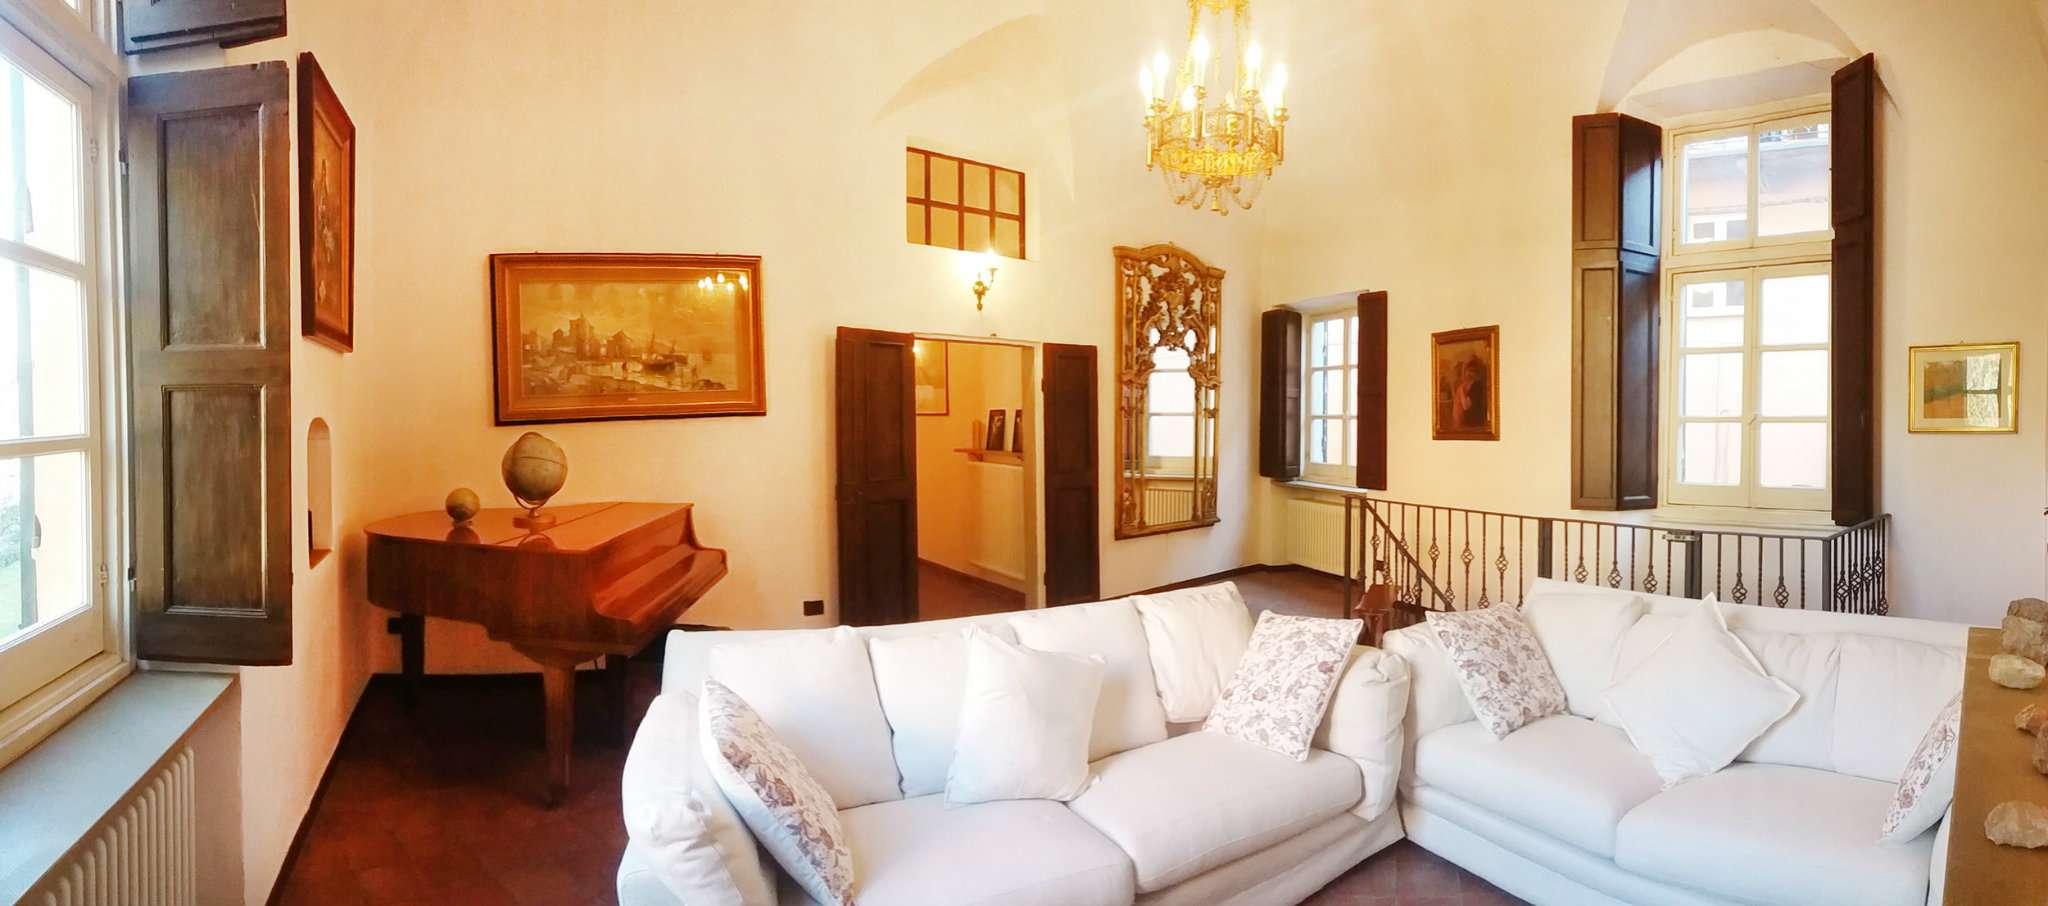 Soluzione Indipendente in vendita a Gavi, 14 locali, prezzo € 350.000 | PortaleAgenzieImmobiliari.it